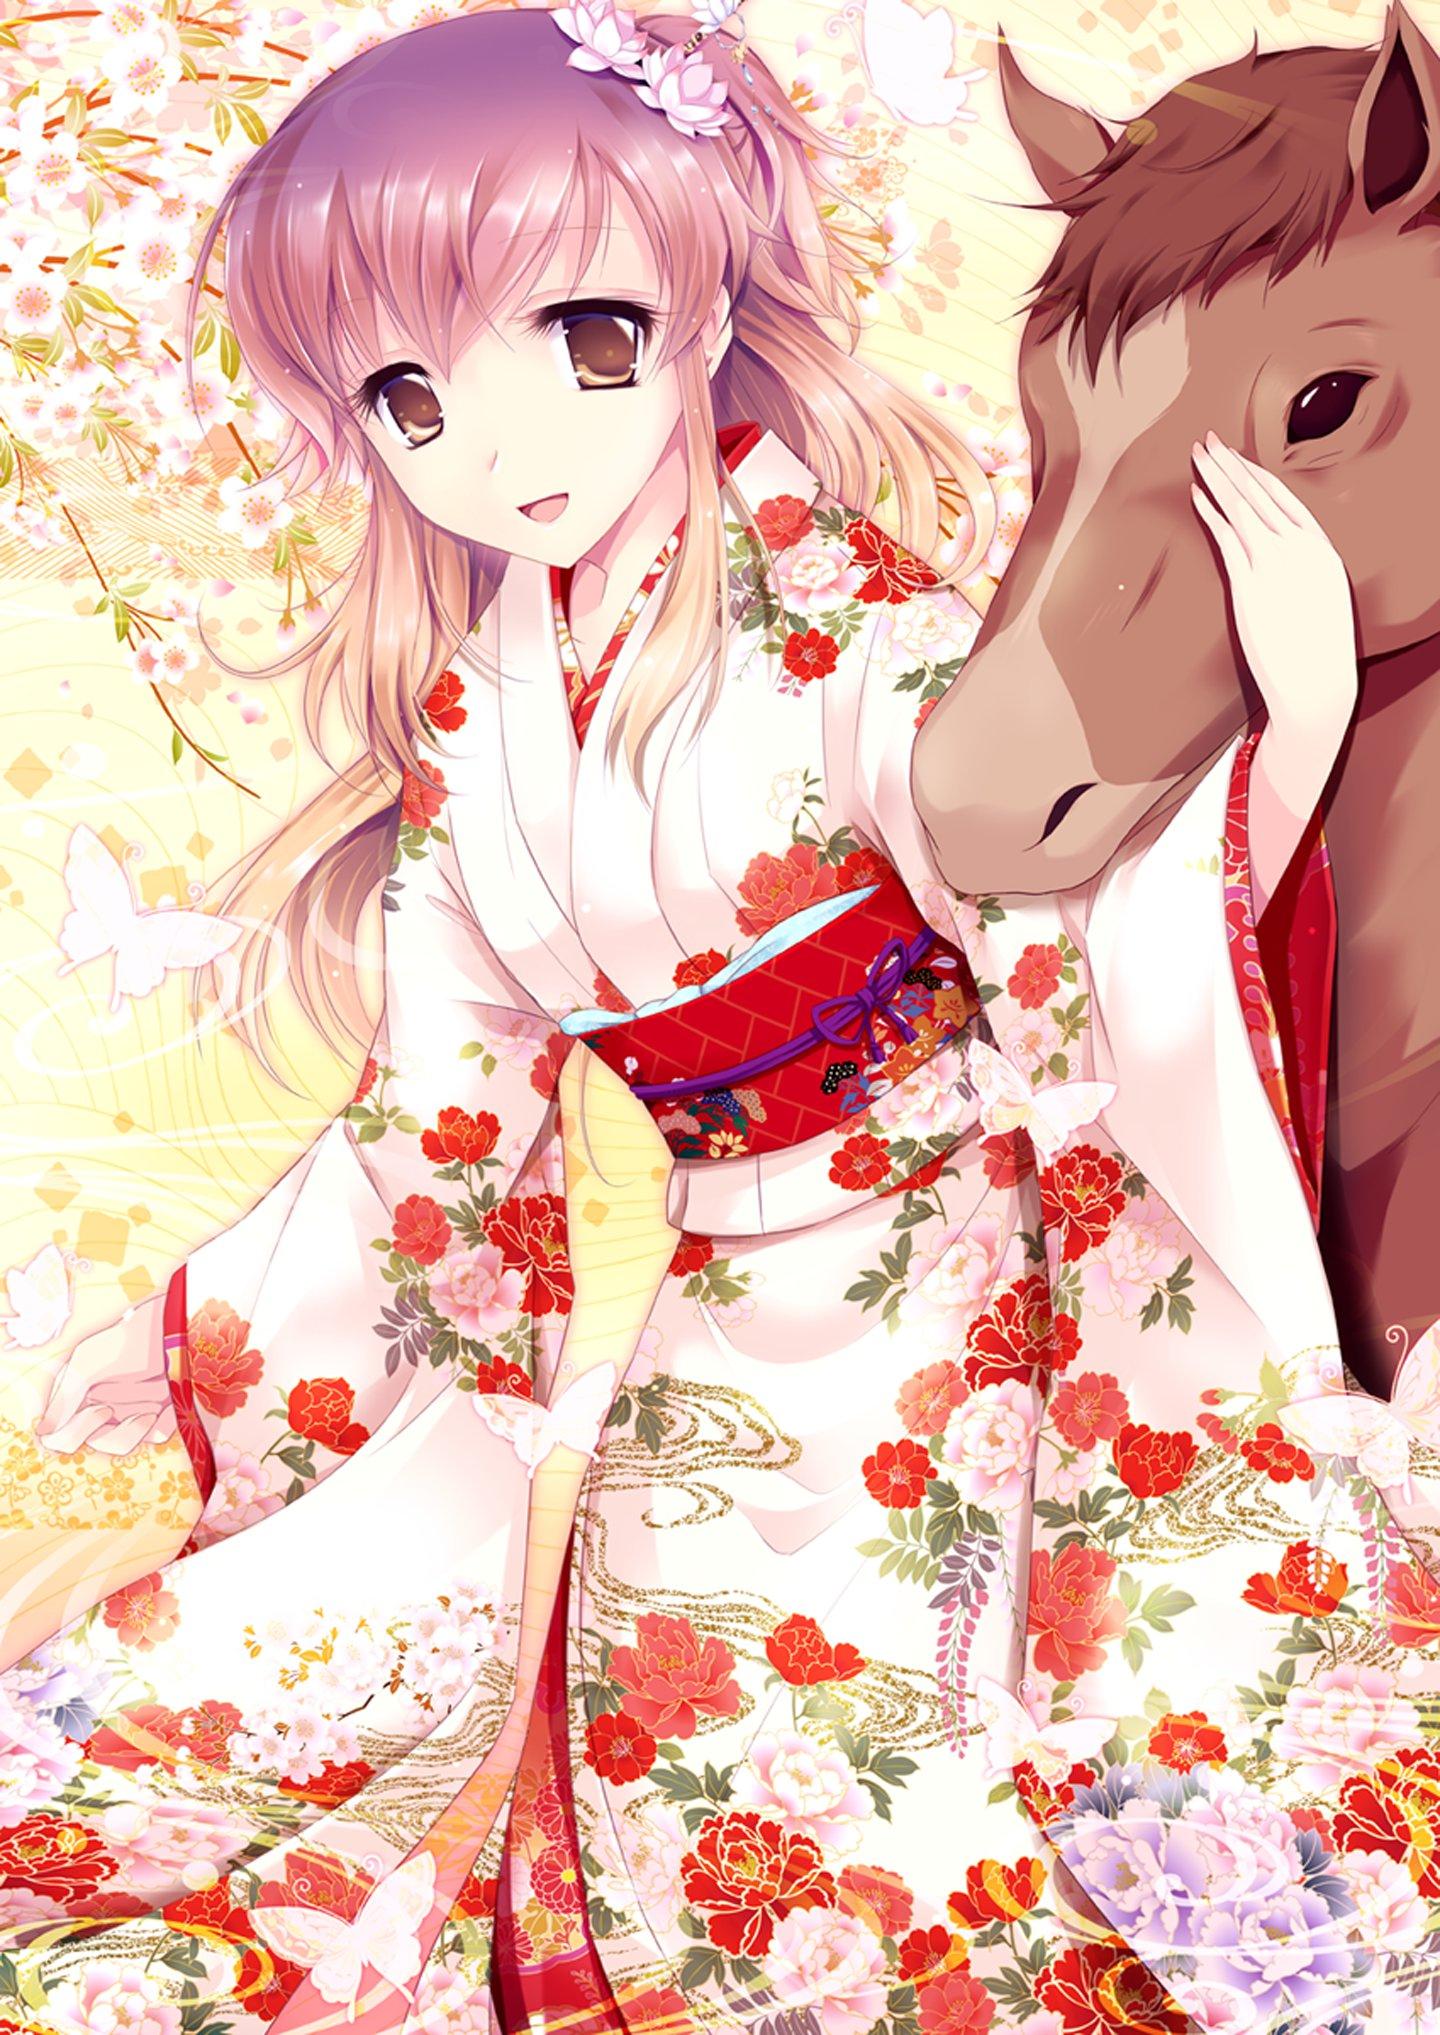 Best Bedroom Colors For Sleep Anime Girl Cute Long Hair Dress Horse Kimono Flower